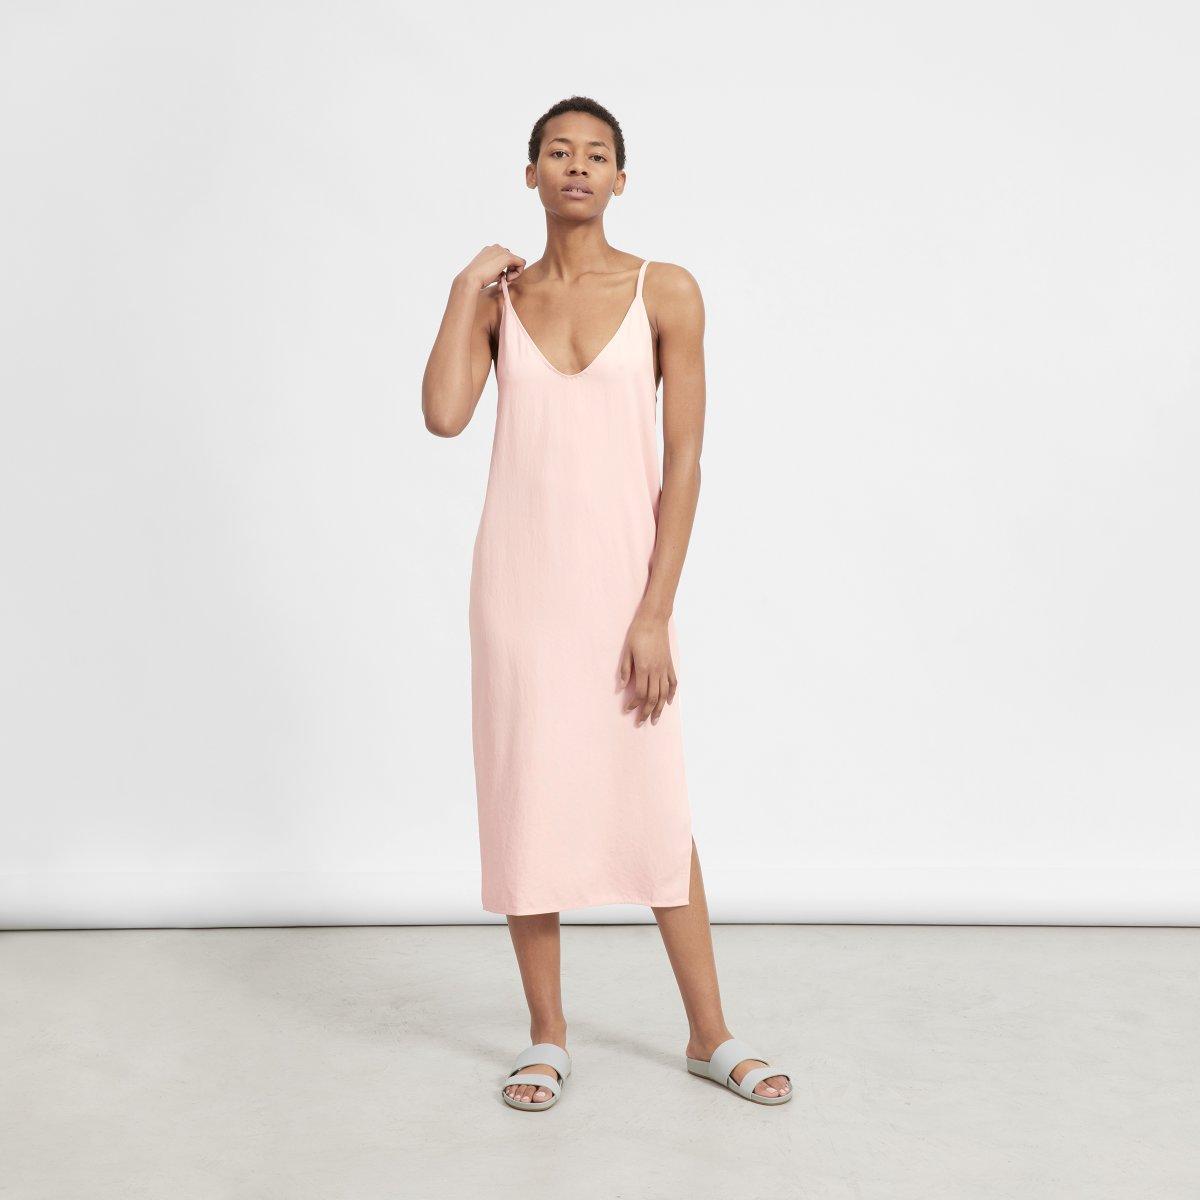 Everlane Japanese Go Weave Slip Dress in Rose $88